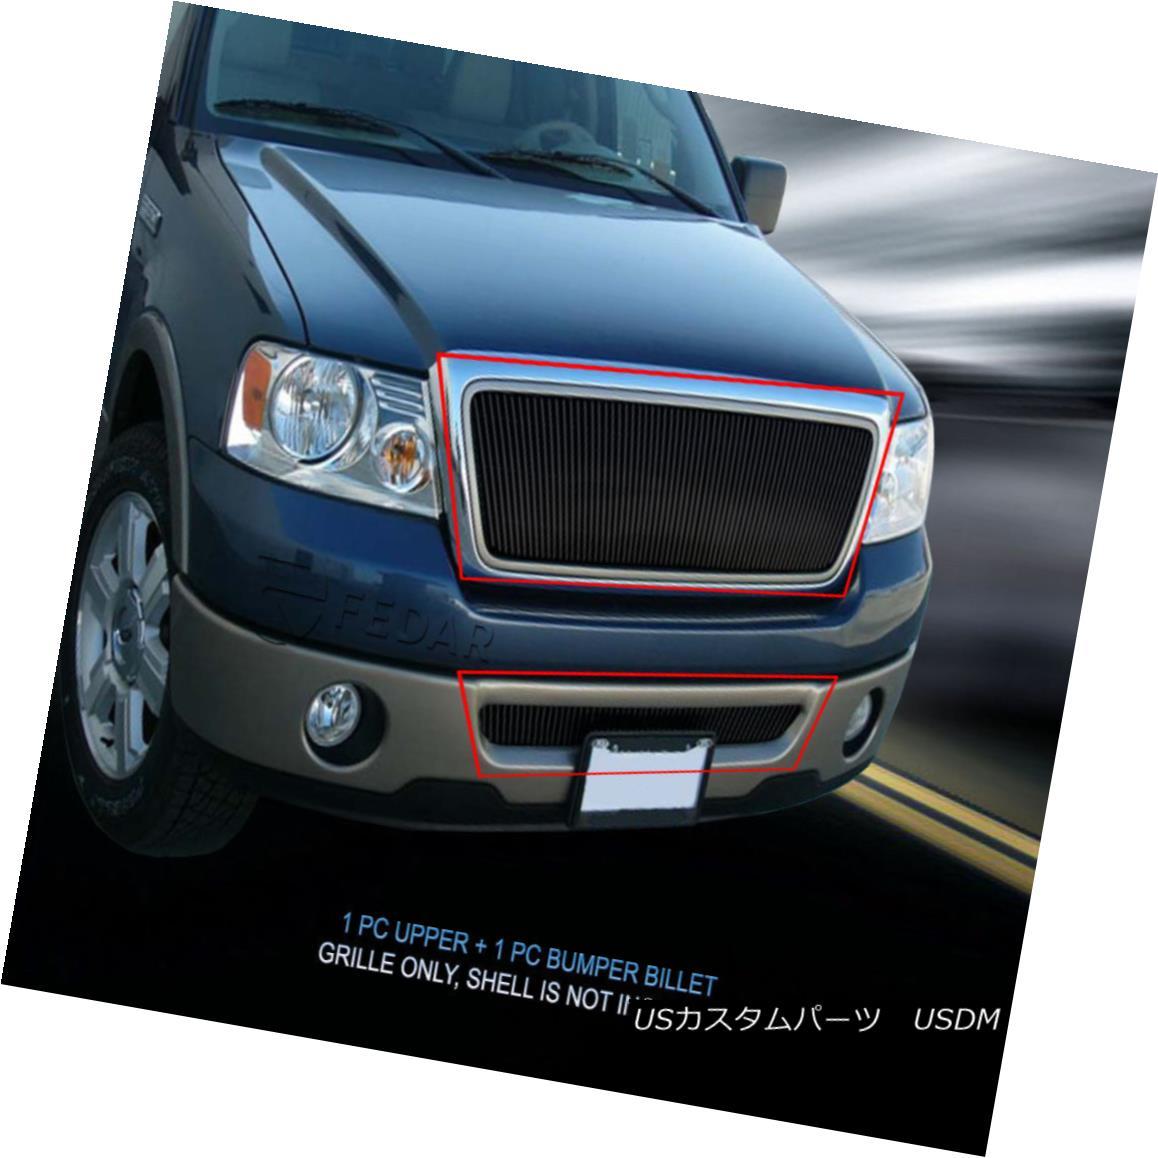 グリル Fedar Fits 2006-2008 Ford F-150 (Vertical) Black Billet Grille Combo フェダーは2006-2008 Ford F-150(垂直)ブラックビレットグリルコンボ